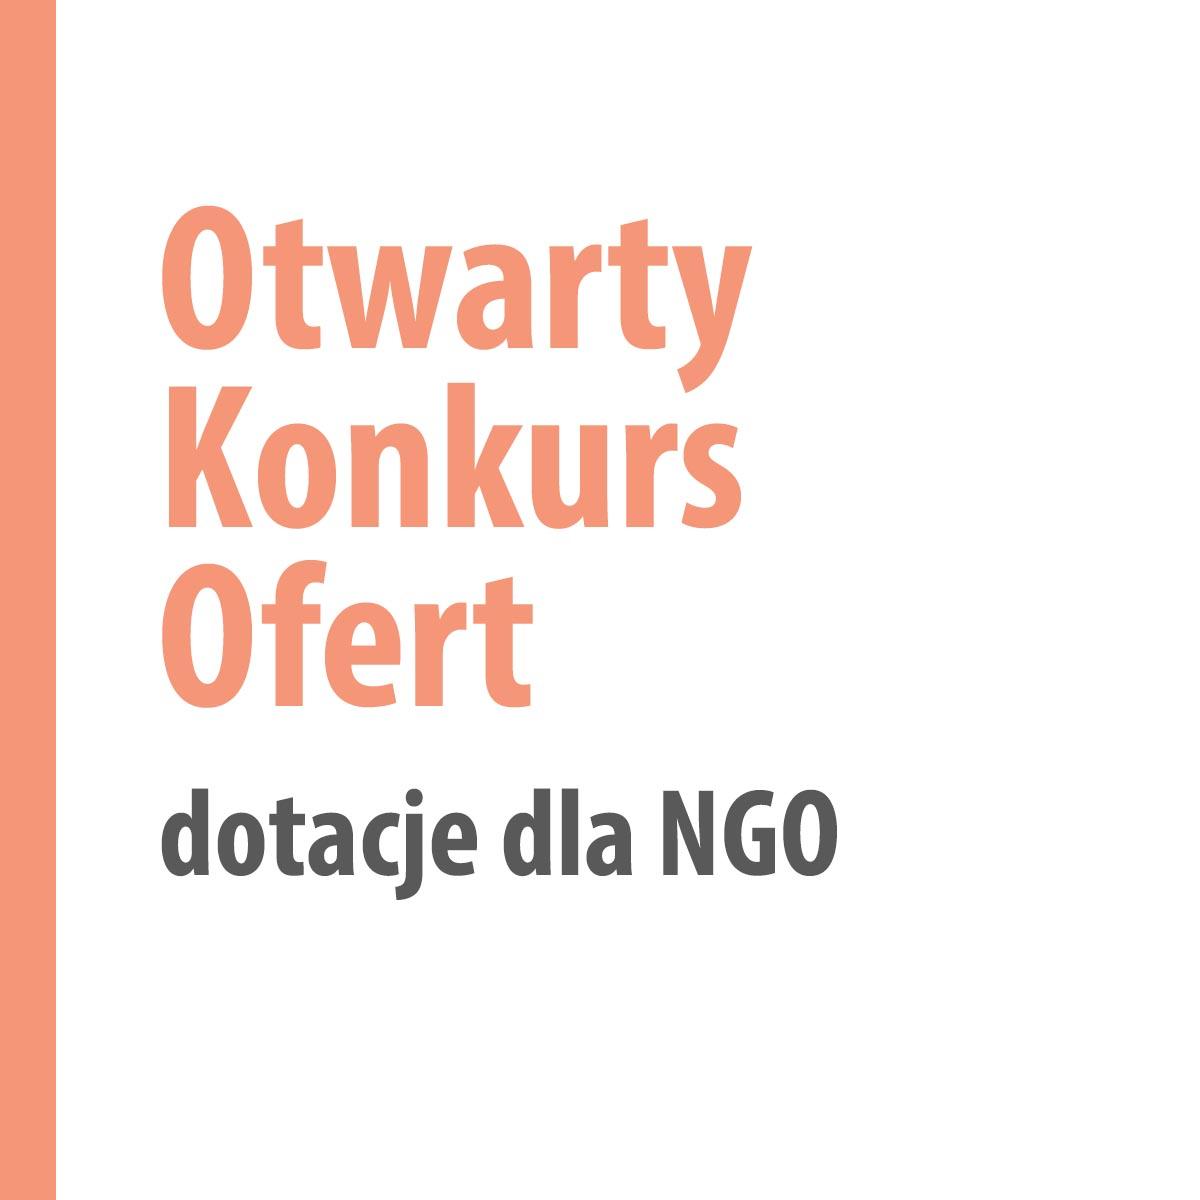 Otwarty Konkurs Ofert - dotacje dla NGO